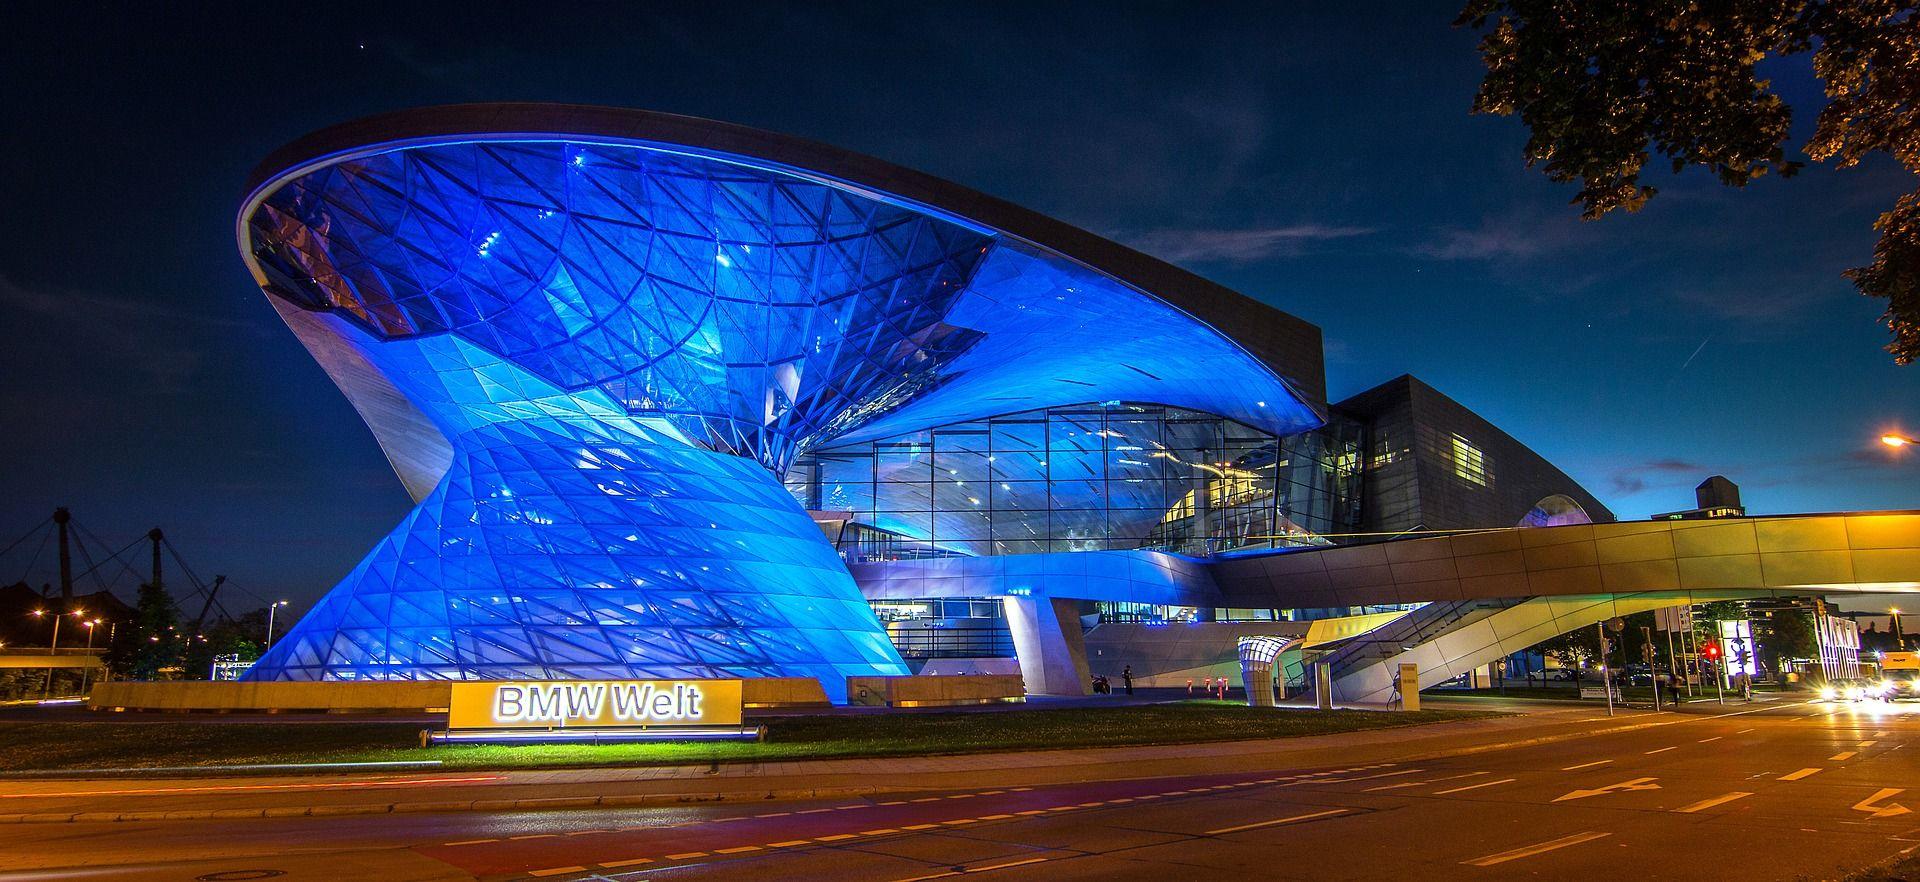 Die BMW-Welt in München (c) pixabay